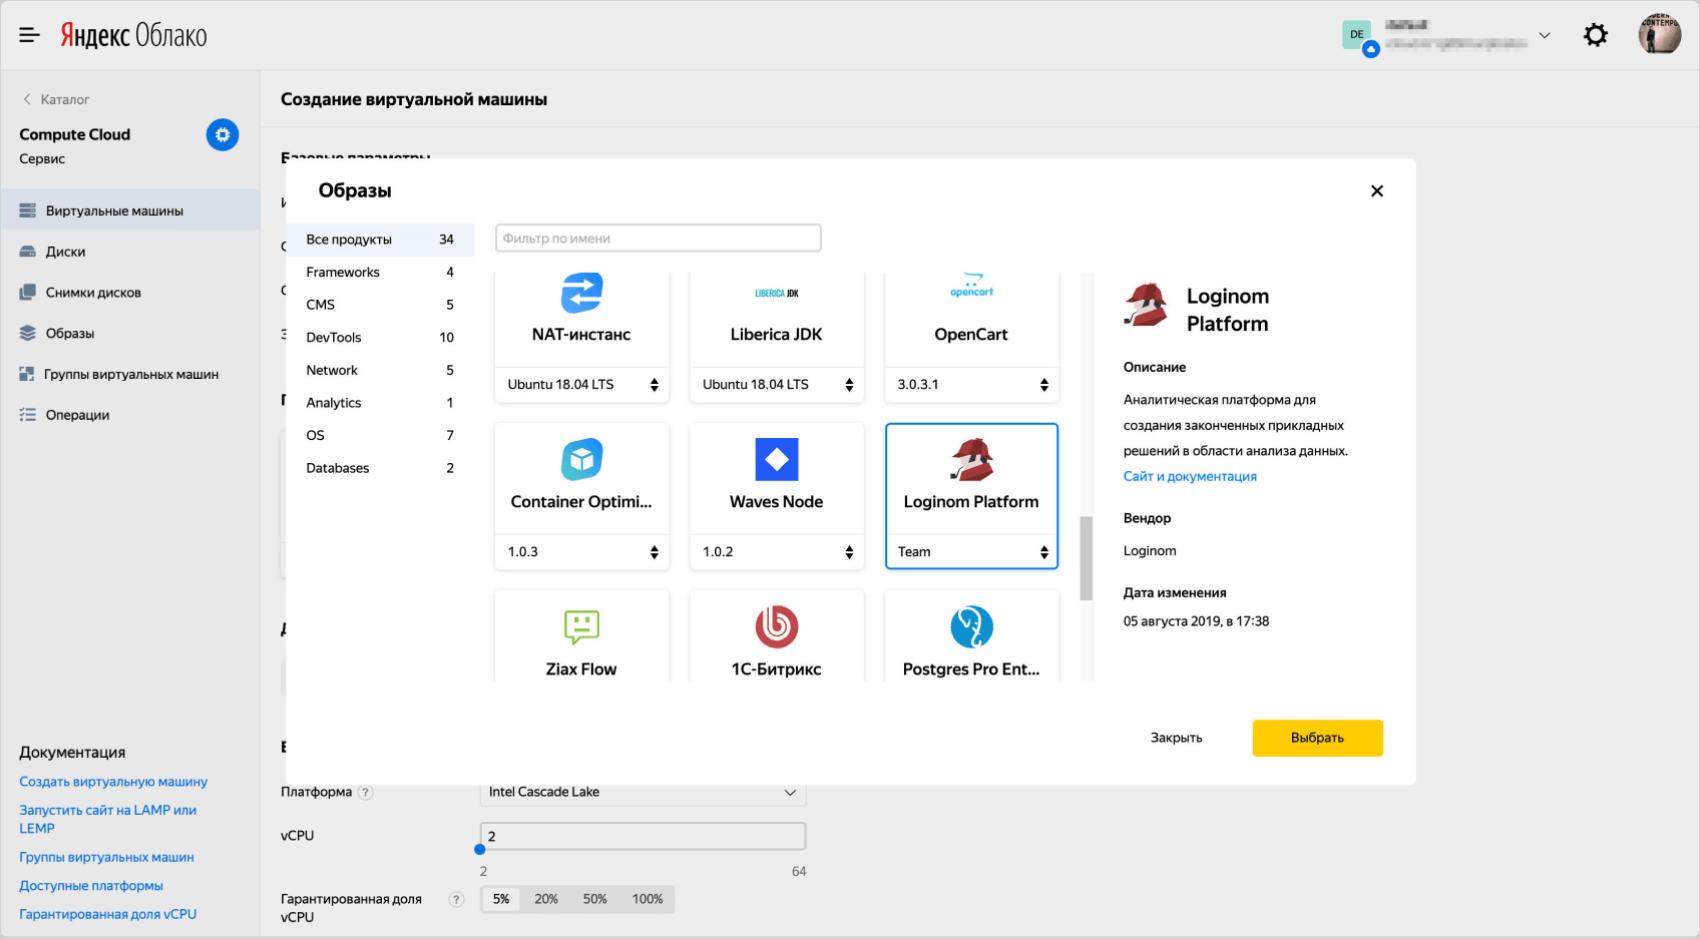 Выбор образа Loginom Platform